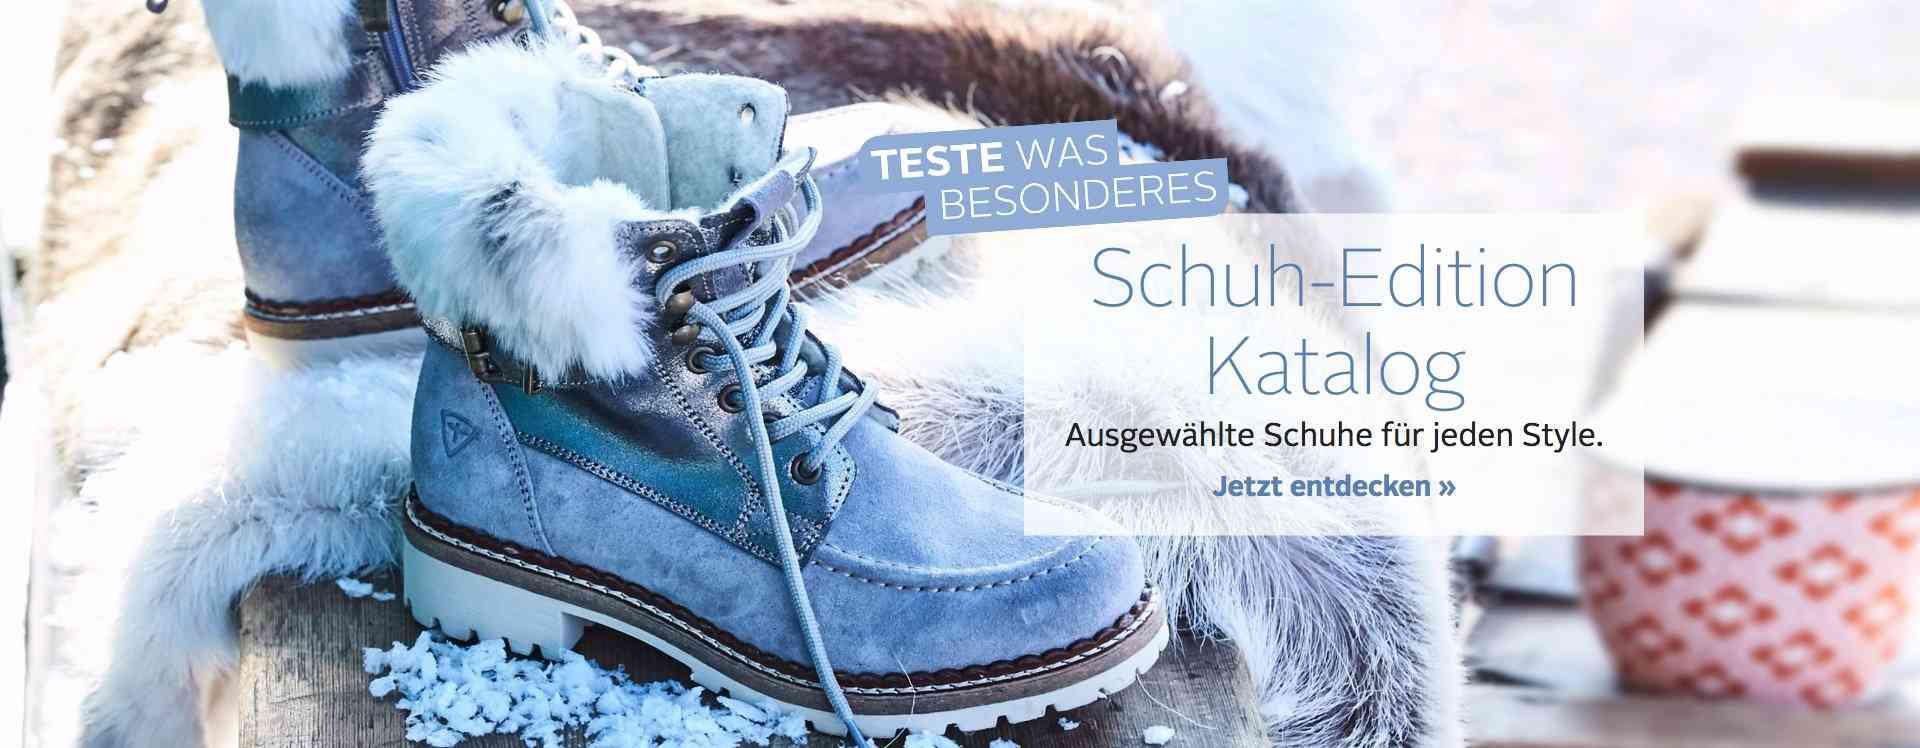 Frisch eingetroffen: Der neue Schuh-Edition Katalog mit den besten Highlights für Trendsetter! Für Damen, Herren und Kinder... Jetzt entdecken!